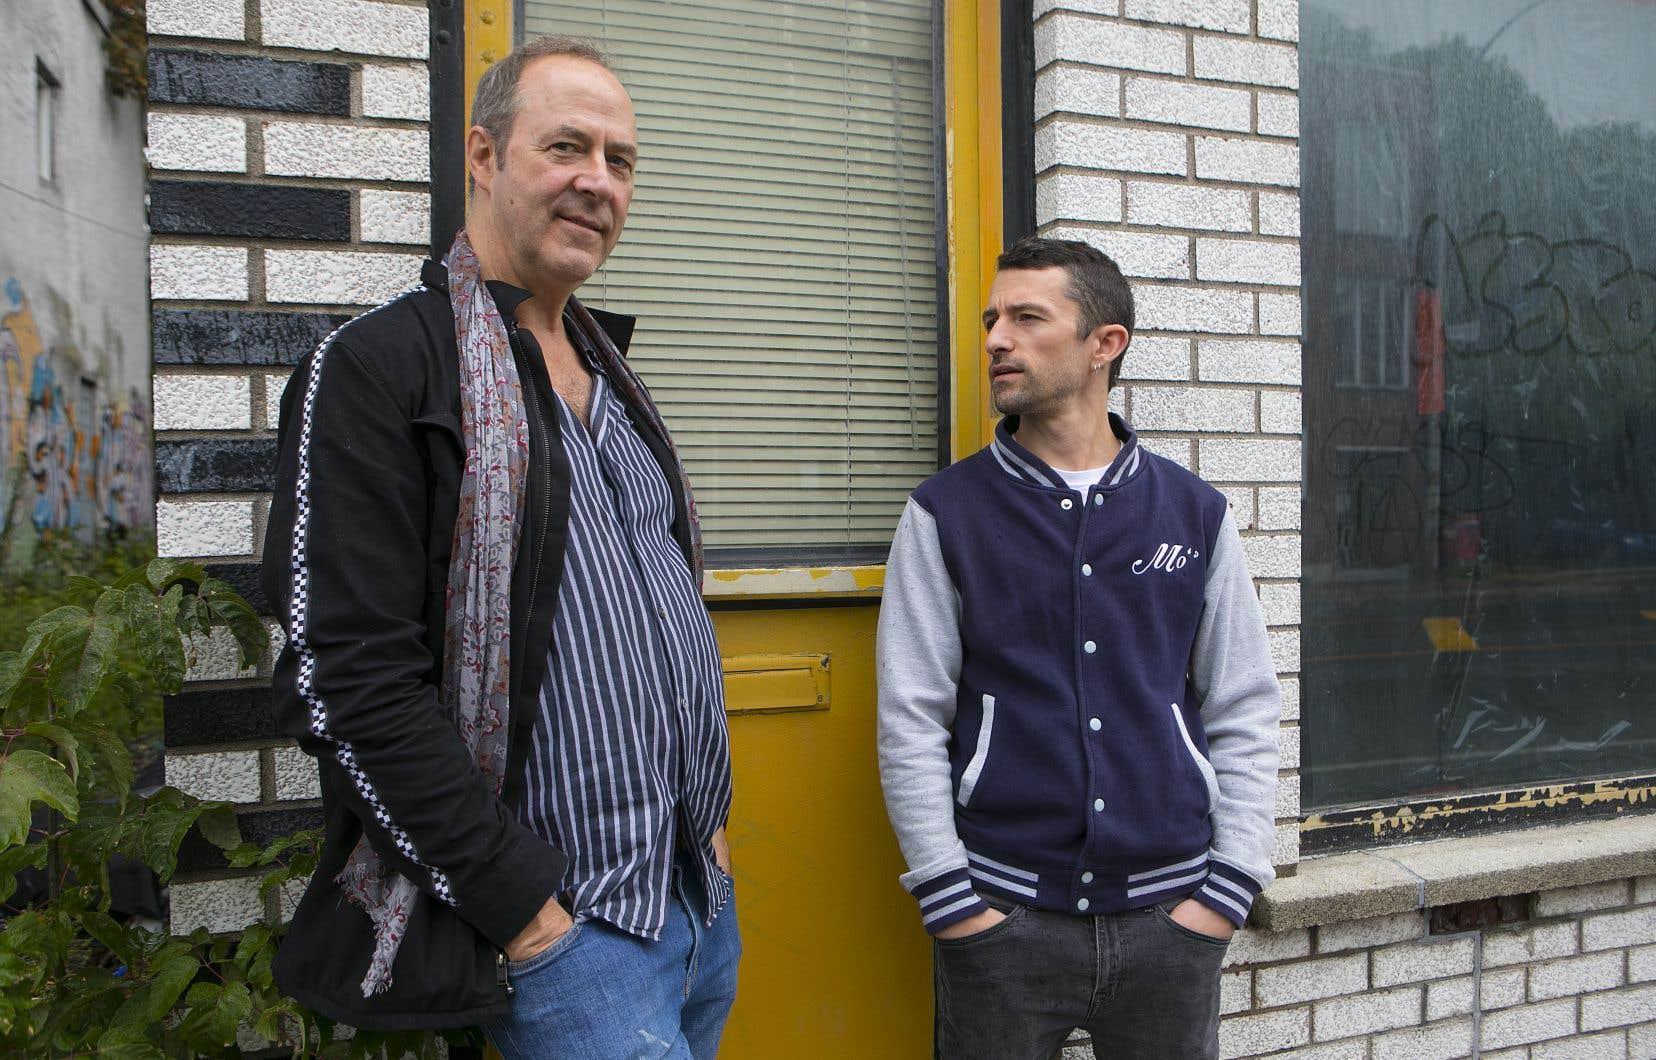 Ces jours-ci, au Quat'Sous, l'auteur Étienne Lepage (à droite) retrouve son premier metteur en scène pour la création de sa plus récente pièce, «Le ravissement». «Il fallait absolument que je trouve du temps pour monter ce texte», a lancé Claude Poissant.